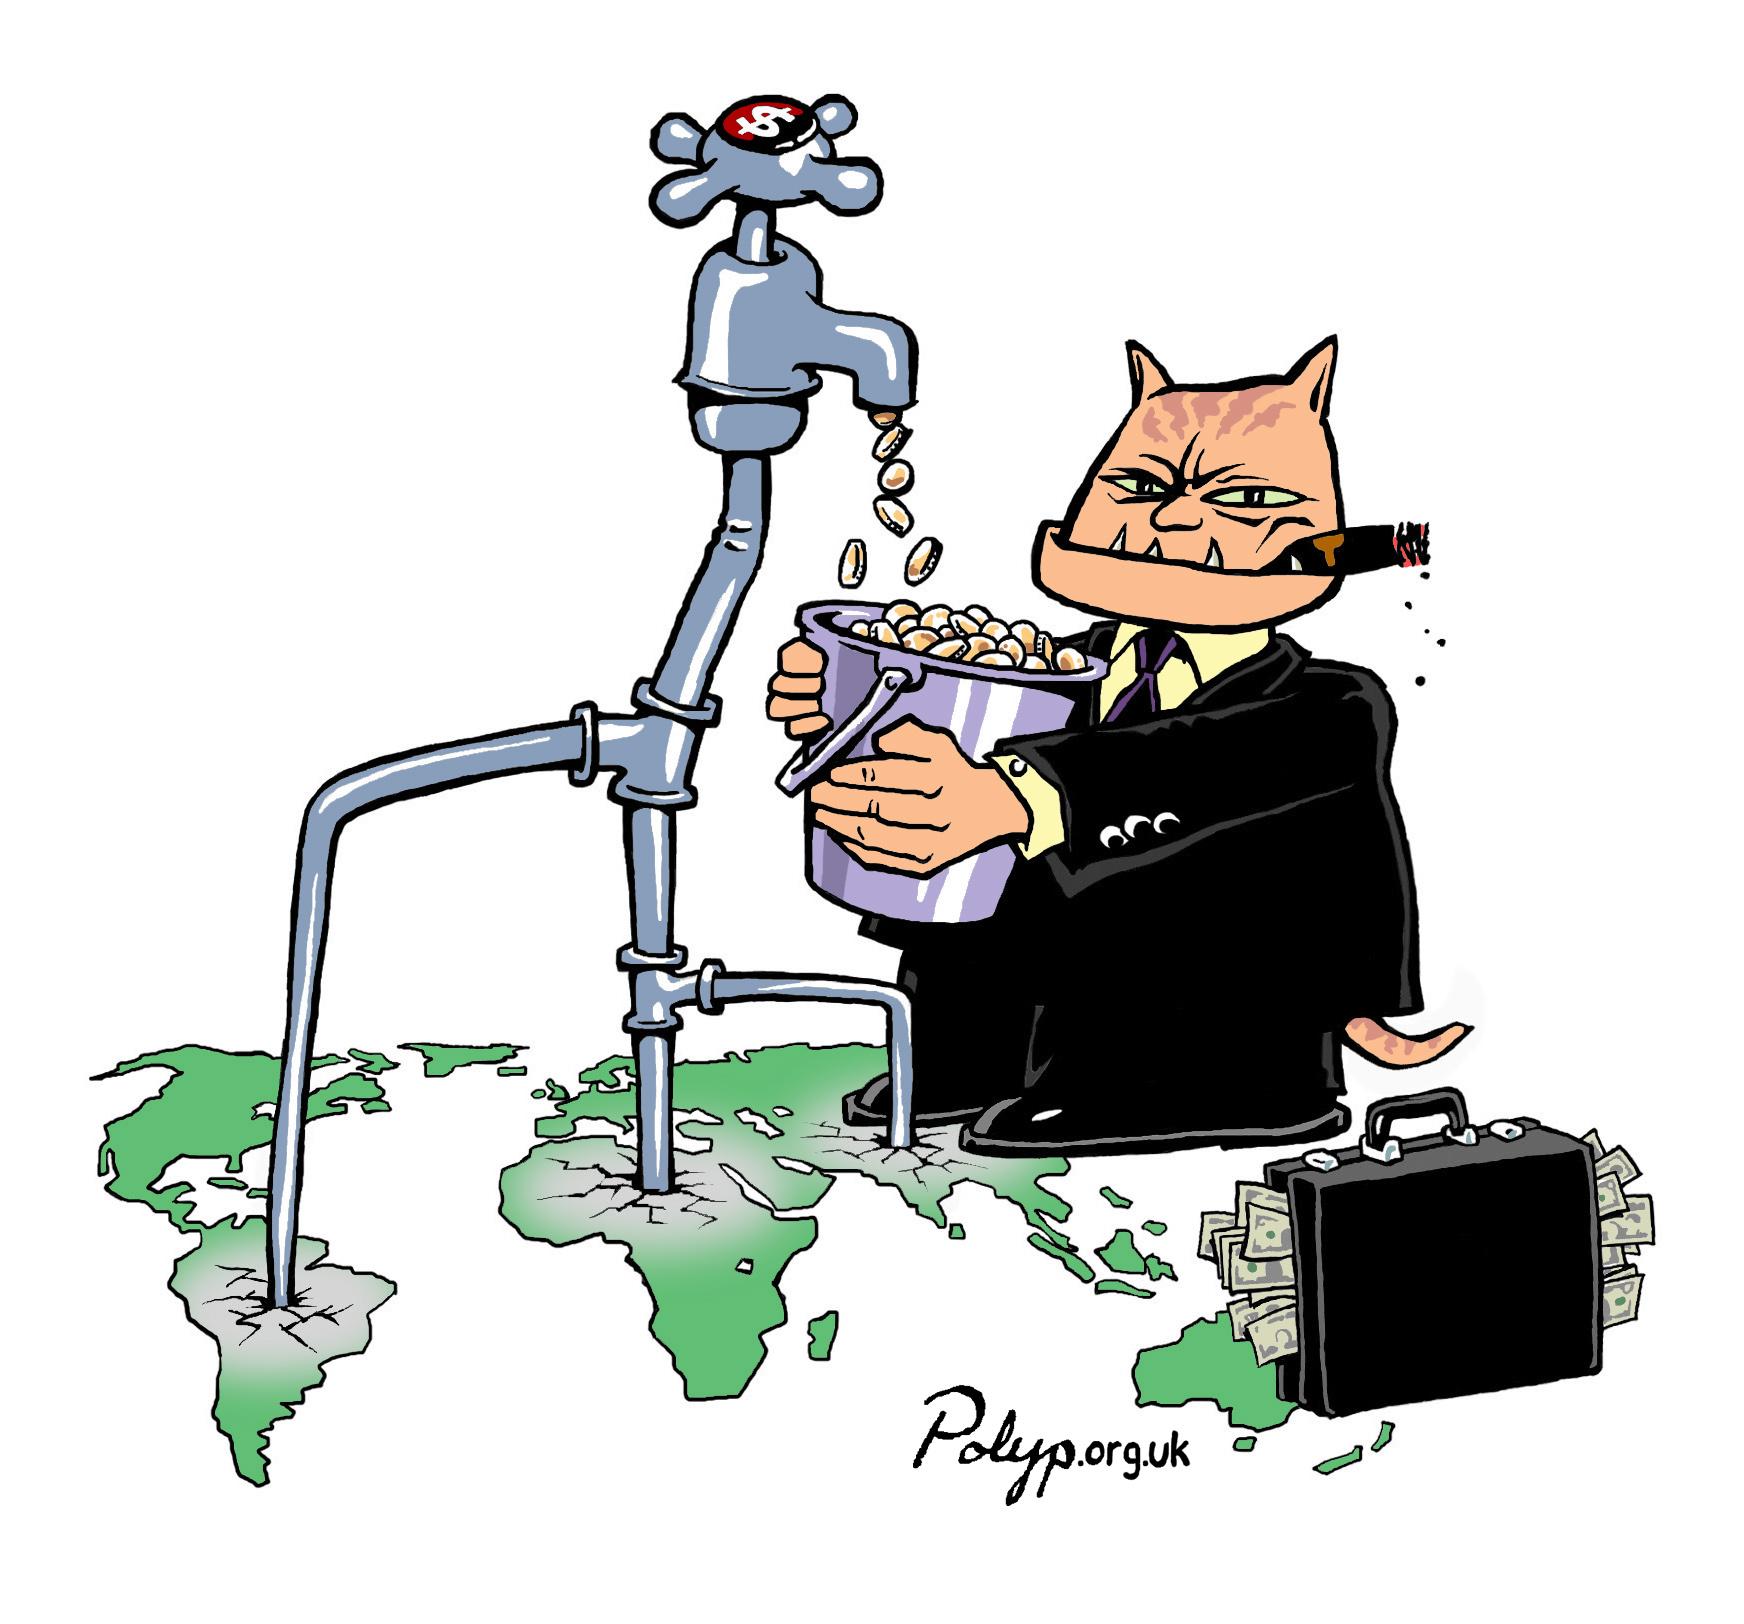 Ώστε η λειτουργία των δημοσίων υπηρεσιών προς όφελος των καταναλωτών δεν επηρεάζεται από την TTIP; Για δείτε τι έγινε στην Αργεντινή!